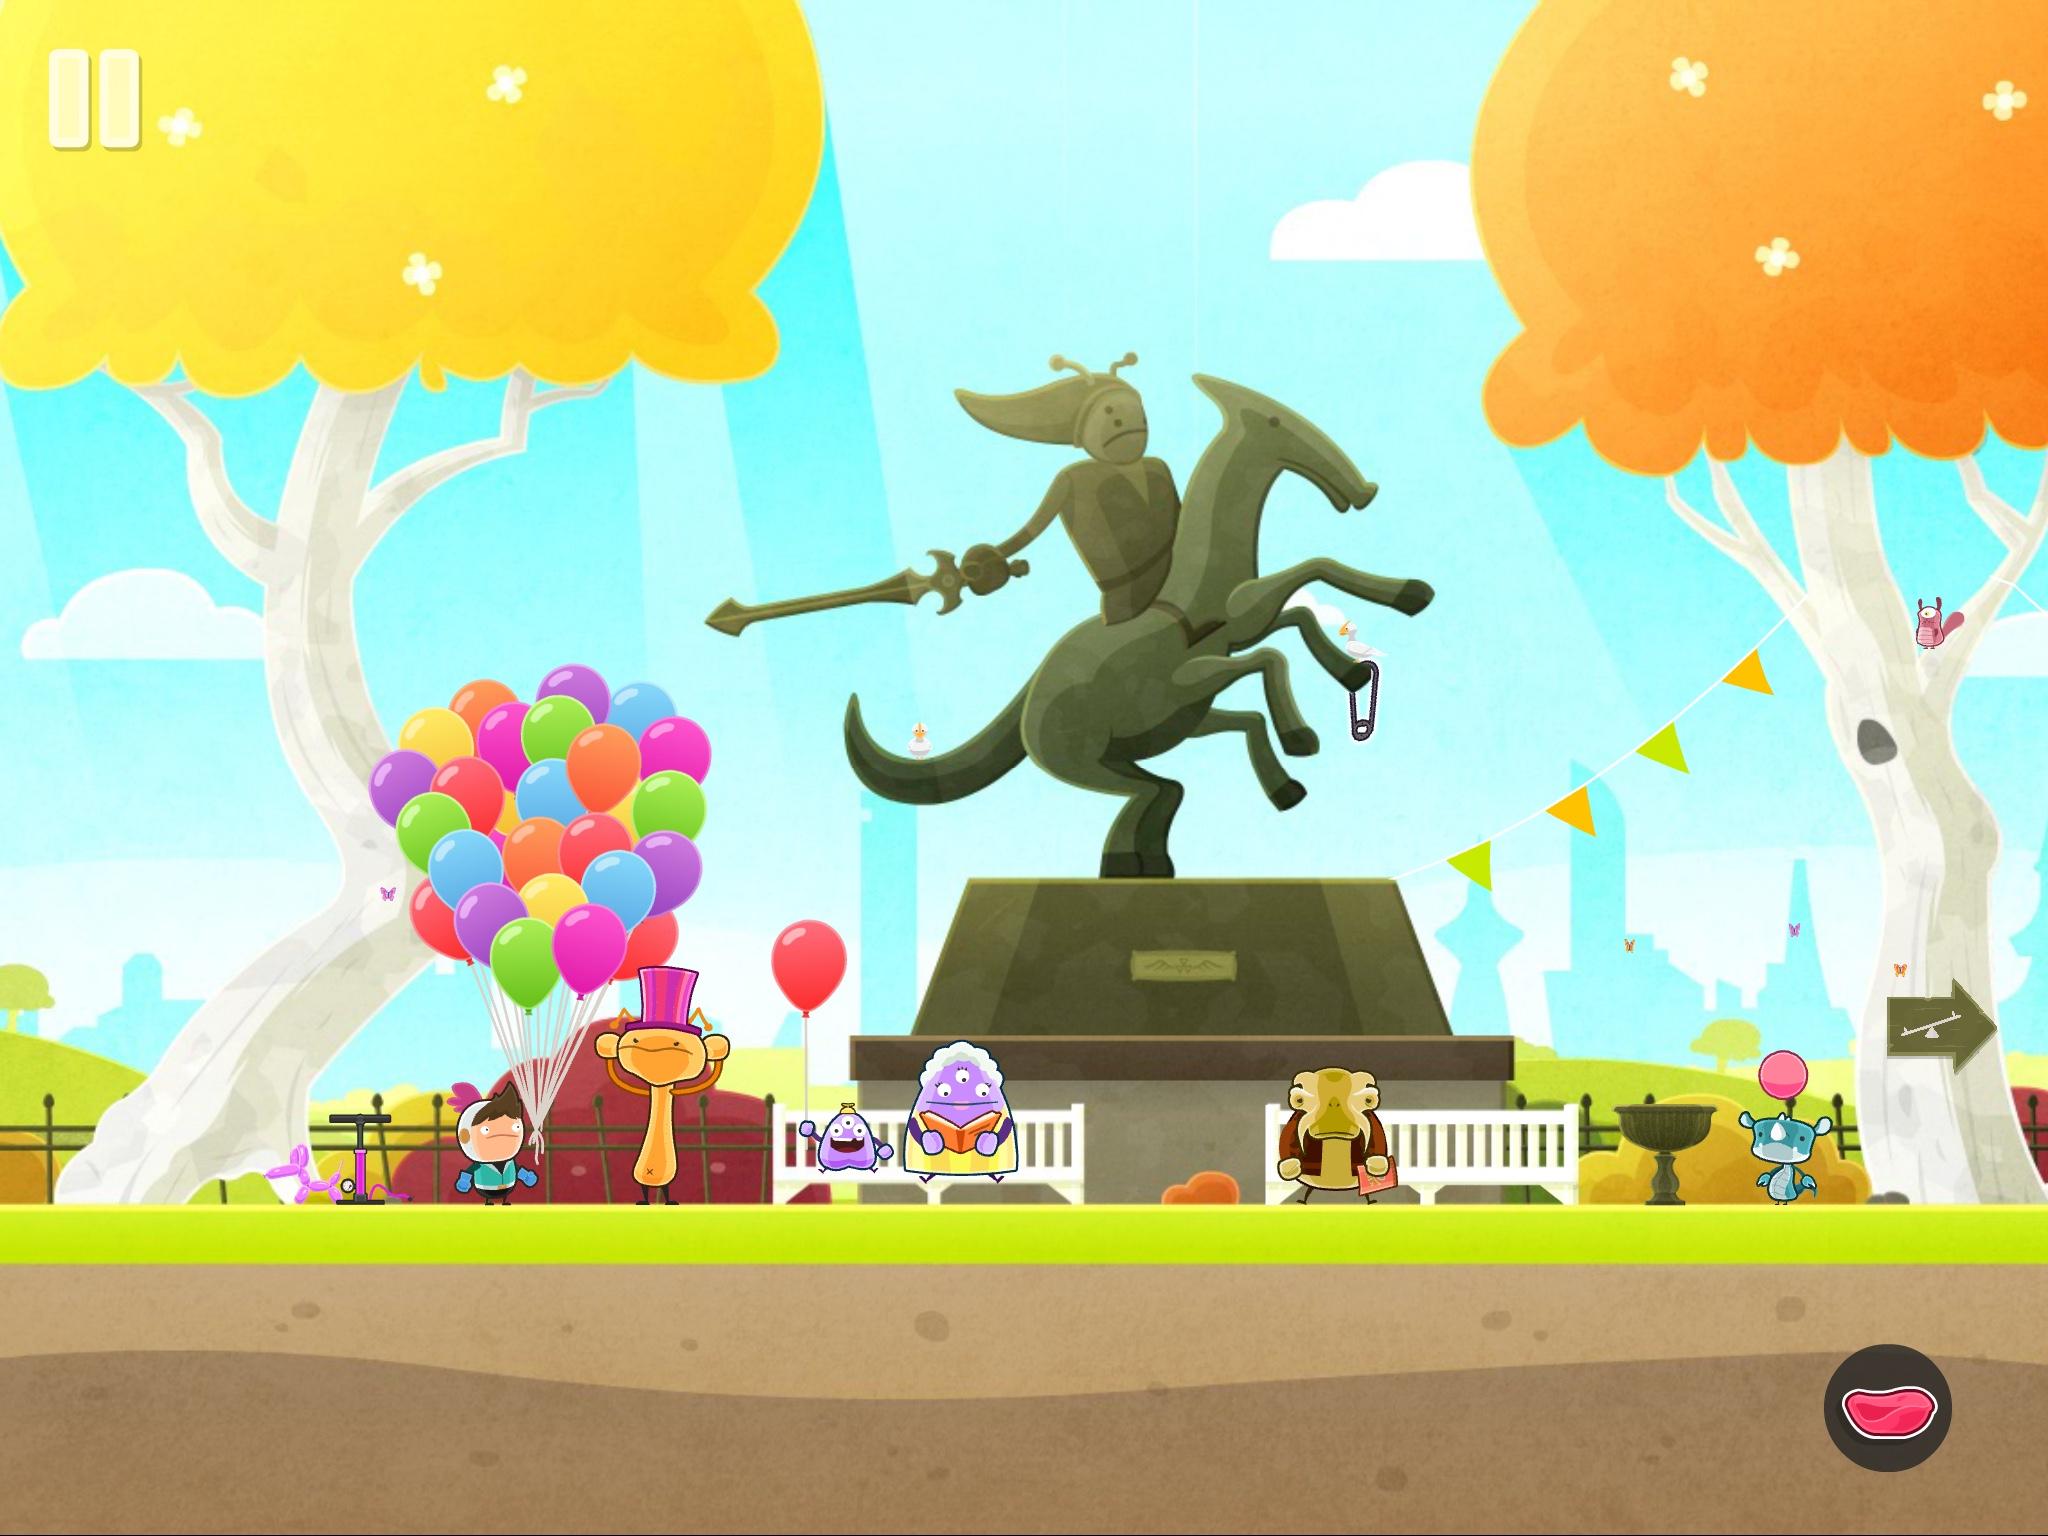 明亮鮮豔的公園場景。本作在玩法和風格上保留了《Tiny Thief》的特色。